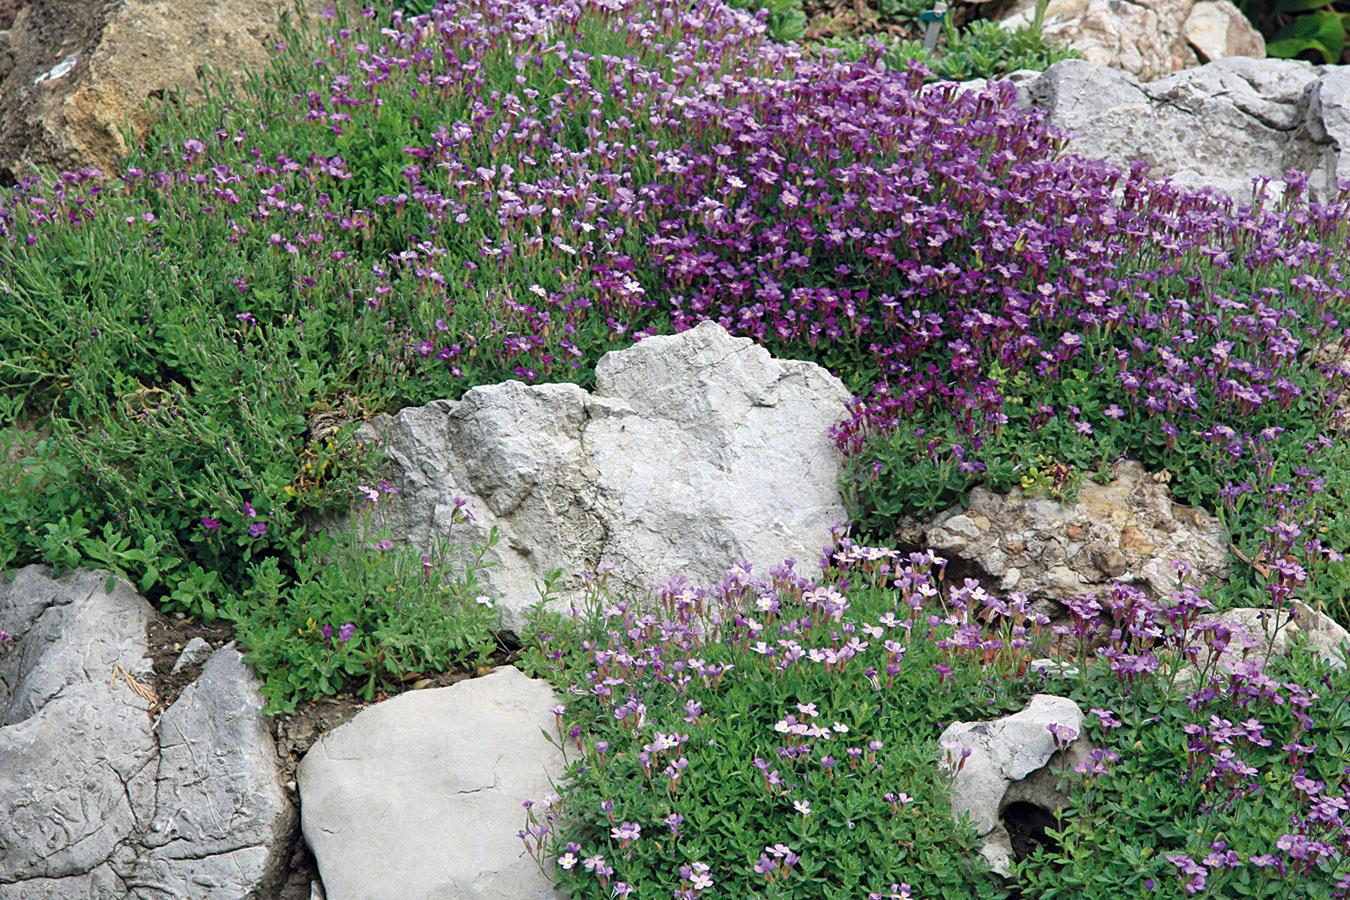 Skalka je väčšinou najkrajšia na jar, sjej uprataním sa preto treba poponáhľať. Najneskôr koncom mesiaca znej odstráňte zimnú prikrývku (chvojky, listy) anásledne ju opatrne vyčistite od napadaných listov. Odstráňte aj všetky vymrznuté skalničky apritlačte mrazom vytiahnuté (obnažené) korene rastlín. Do škár amedzier medzi kameňmi prisypte substrát chudobný na živiny. Nevyhnutné bude vyrovnať ado pôdy zapustiť aj uvoľnené kamene. Do voľných priestorov medzi kameňmi askalničkami nasypte rôzne hrubú kamennú drvinu, ktorá zabráni rastu burín apomôže zachovať kompaktný tvar rastlín. Vapríli môžete prázdne miesta dosadiť novými druhmi. Rastliny, ktoré sa vskalke príliš rozrástli, vyberte, rozdeľte amenšie kúsky znova vysaďte.